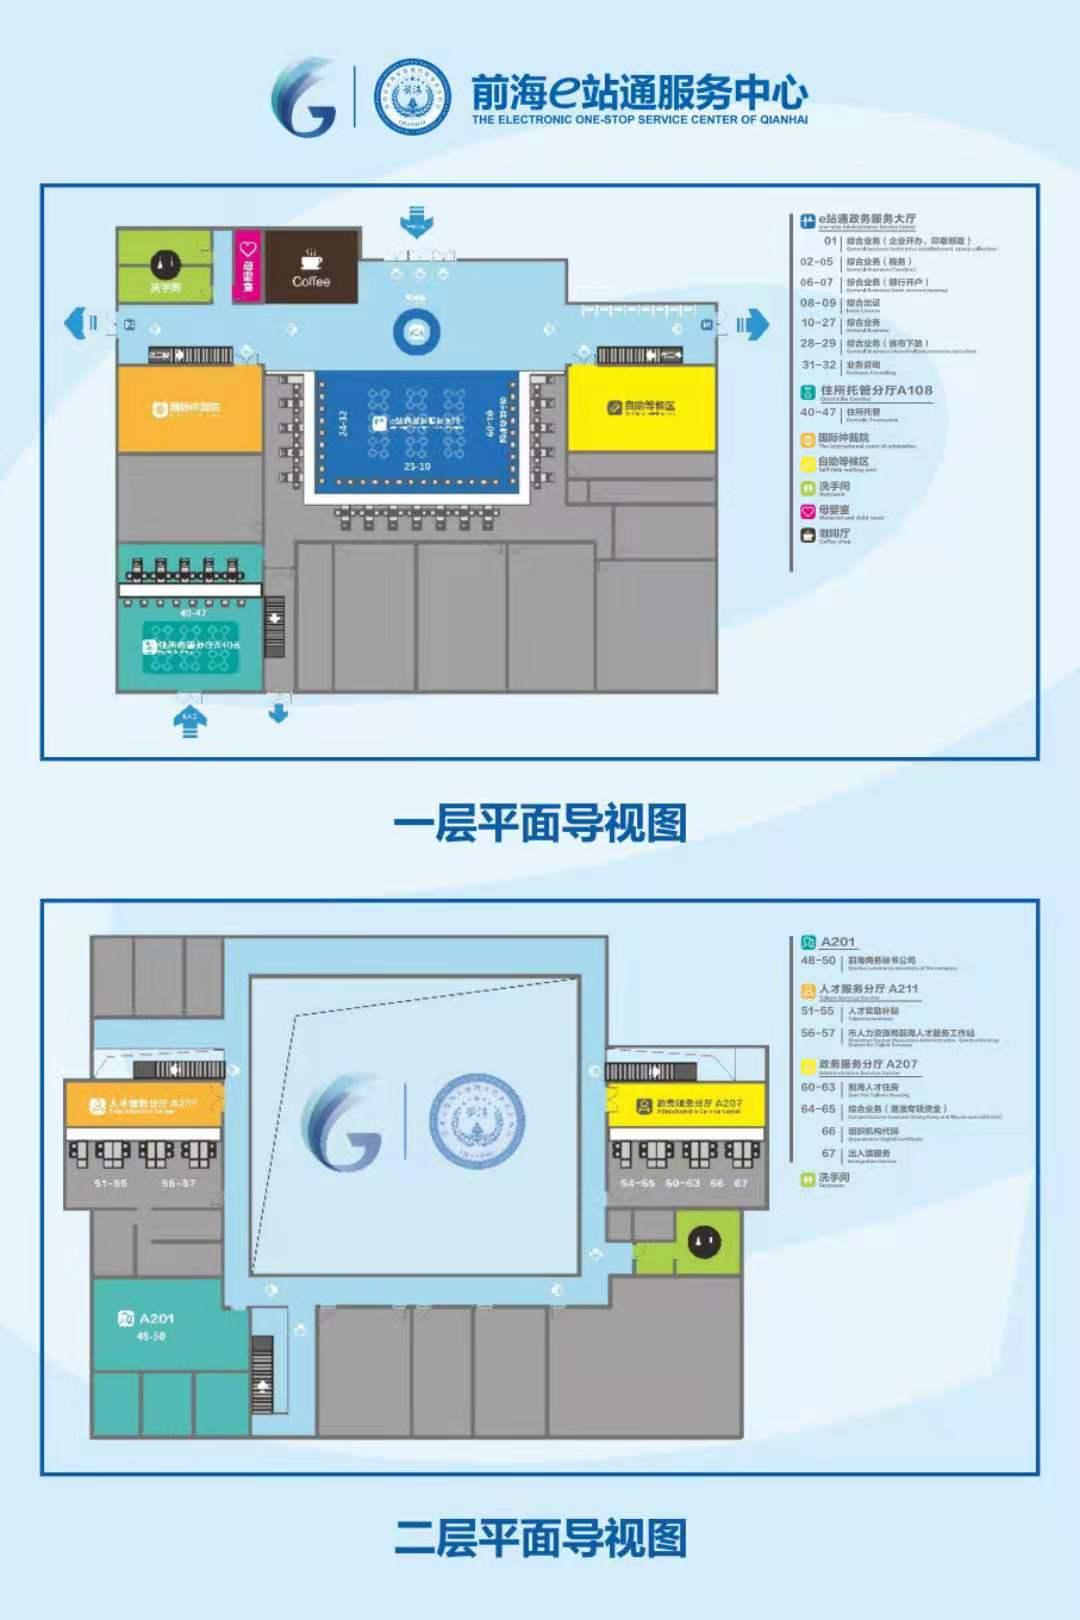 前海e站通服务中心布局.jpg